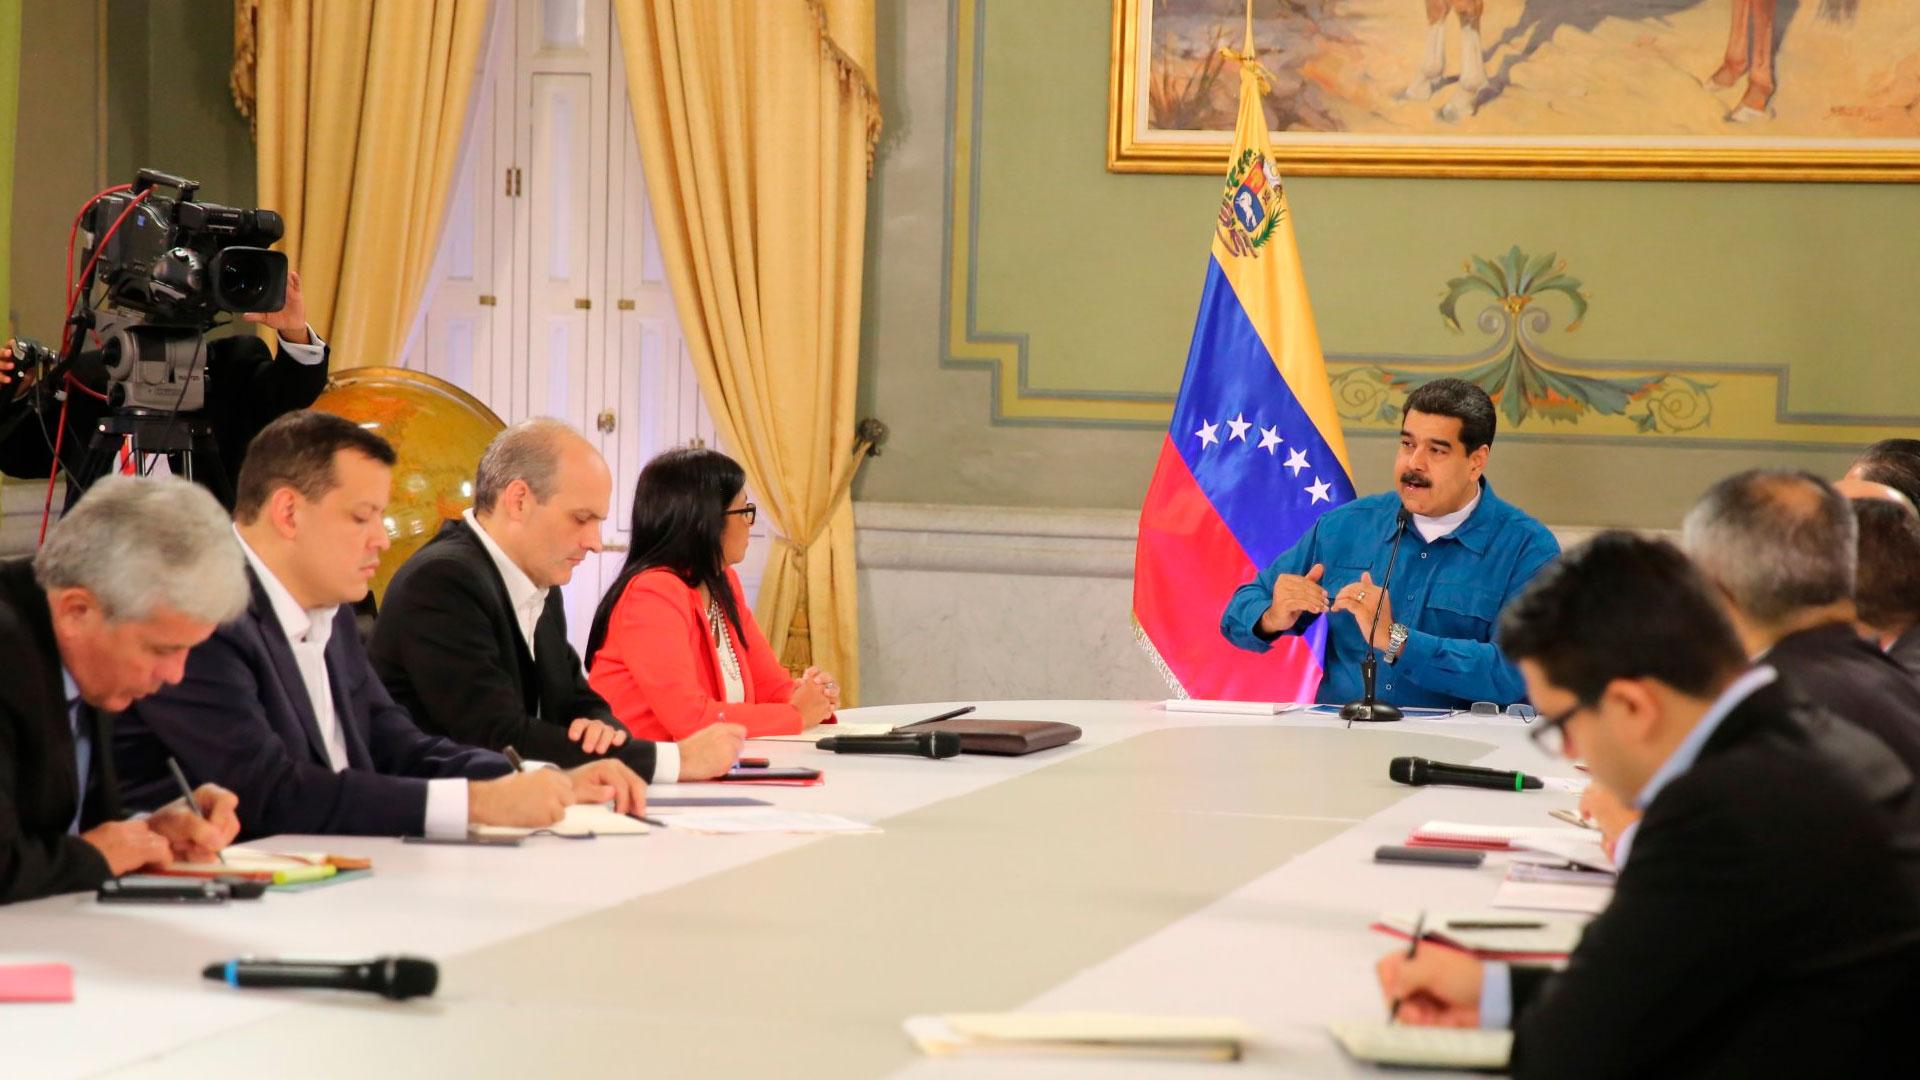 Maduro liberen a Willy: Banca Nacional tiene 48 horas para quitar el limite diario del efectivo